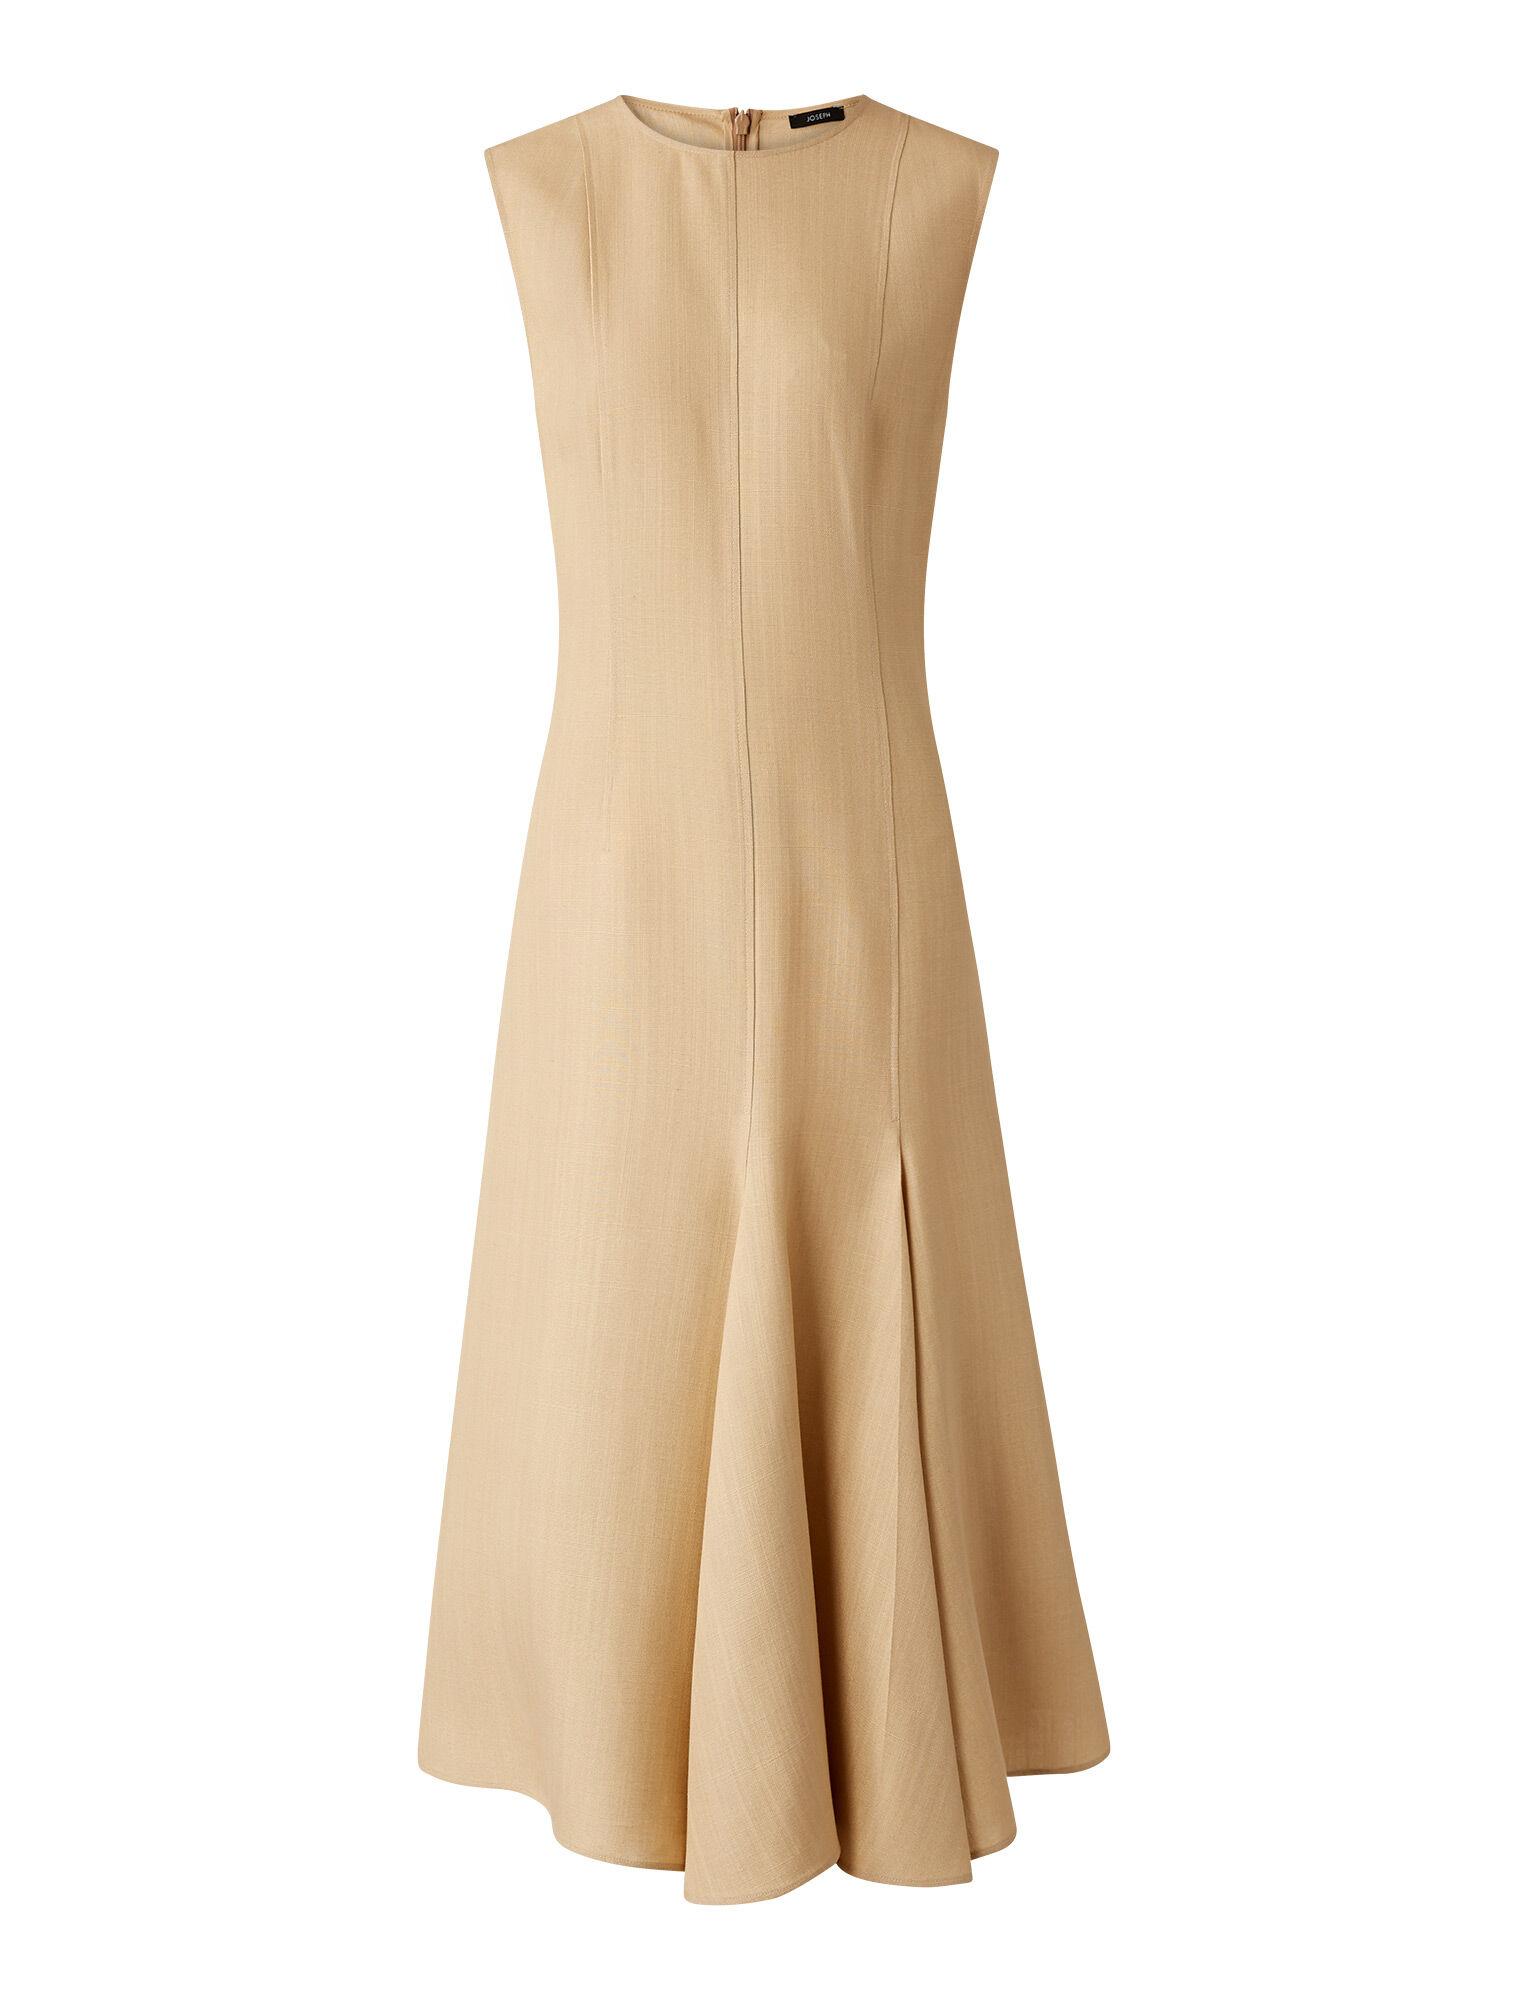 Joseph, Shantung Fowley Dress, in NUDE